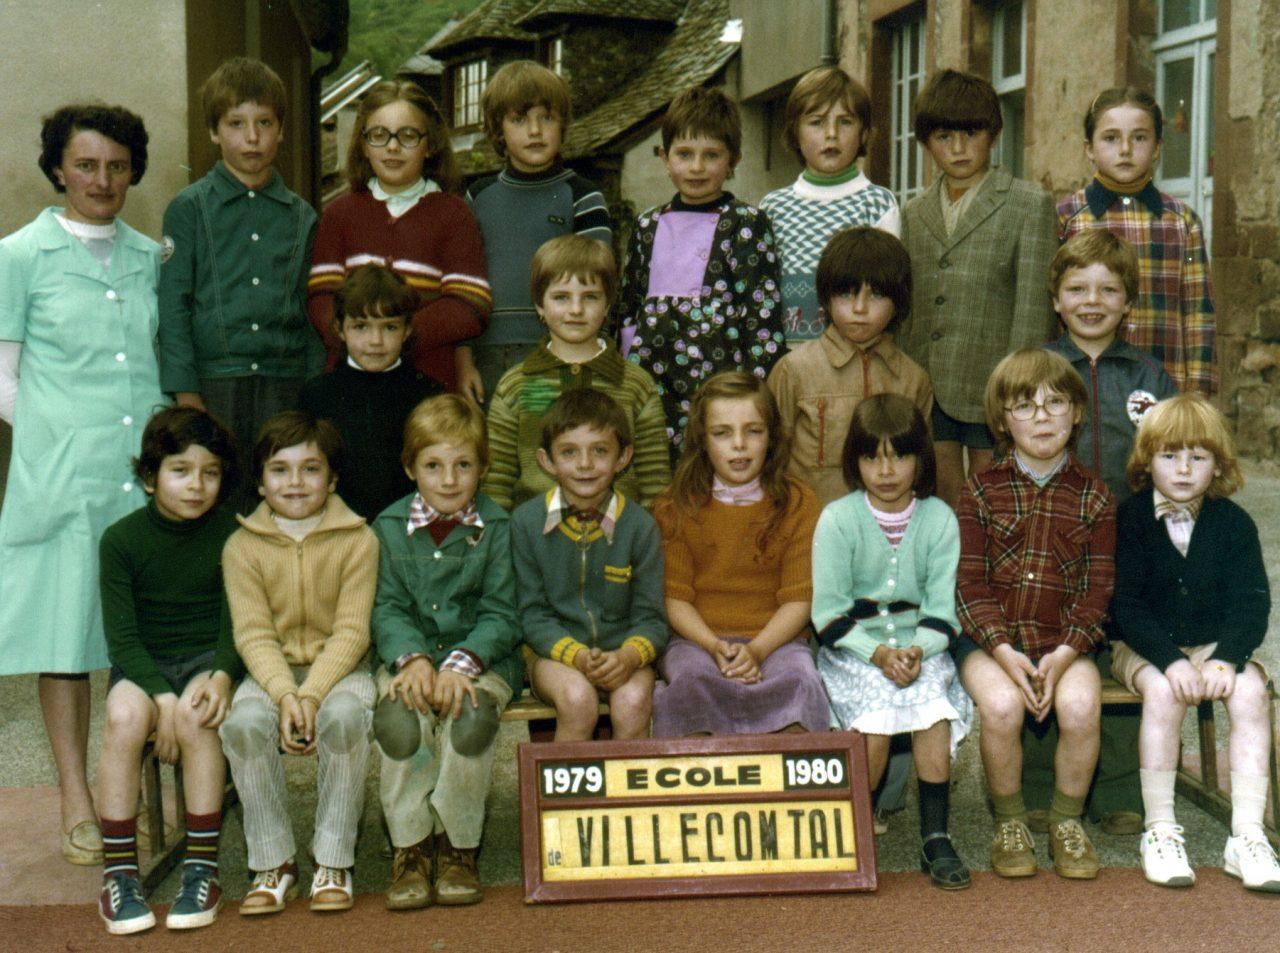 1979-1980 Villecomtal